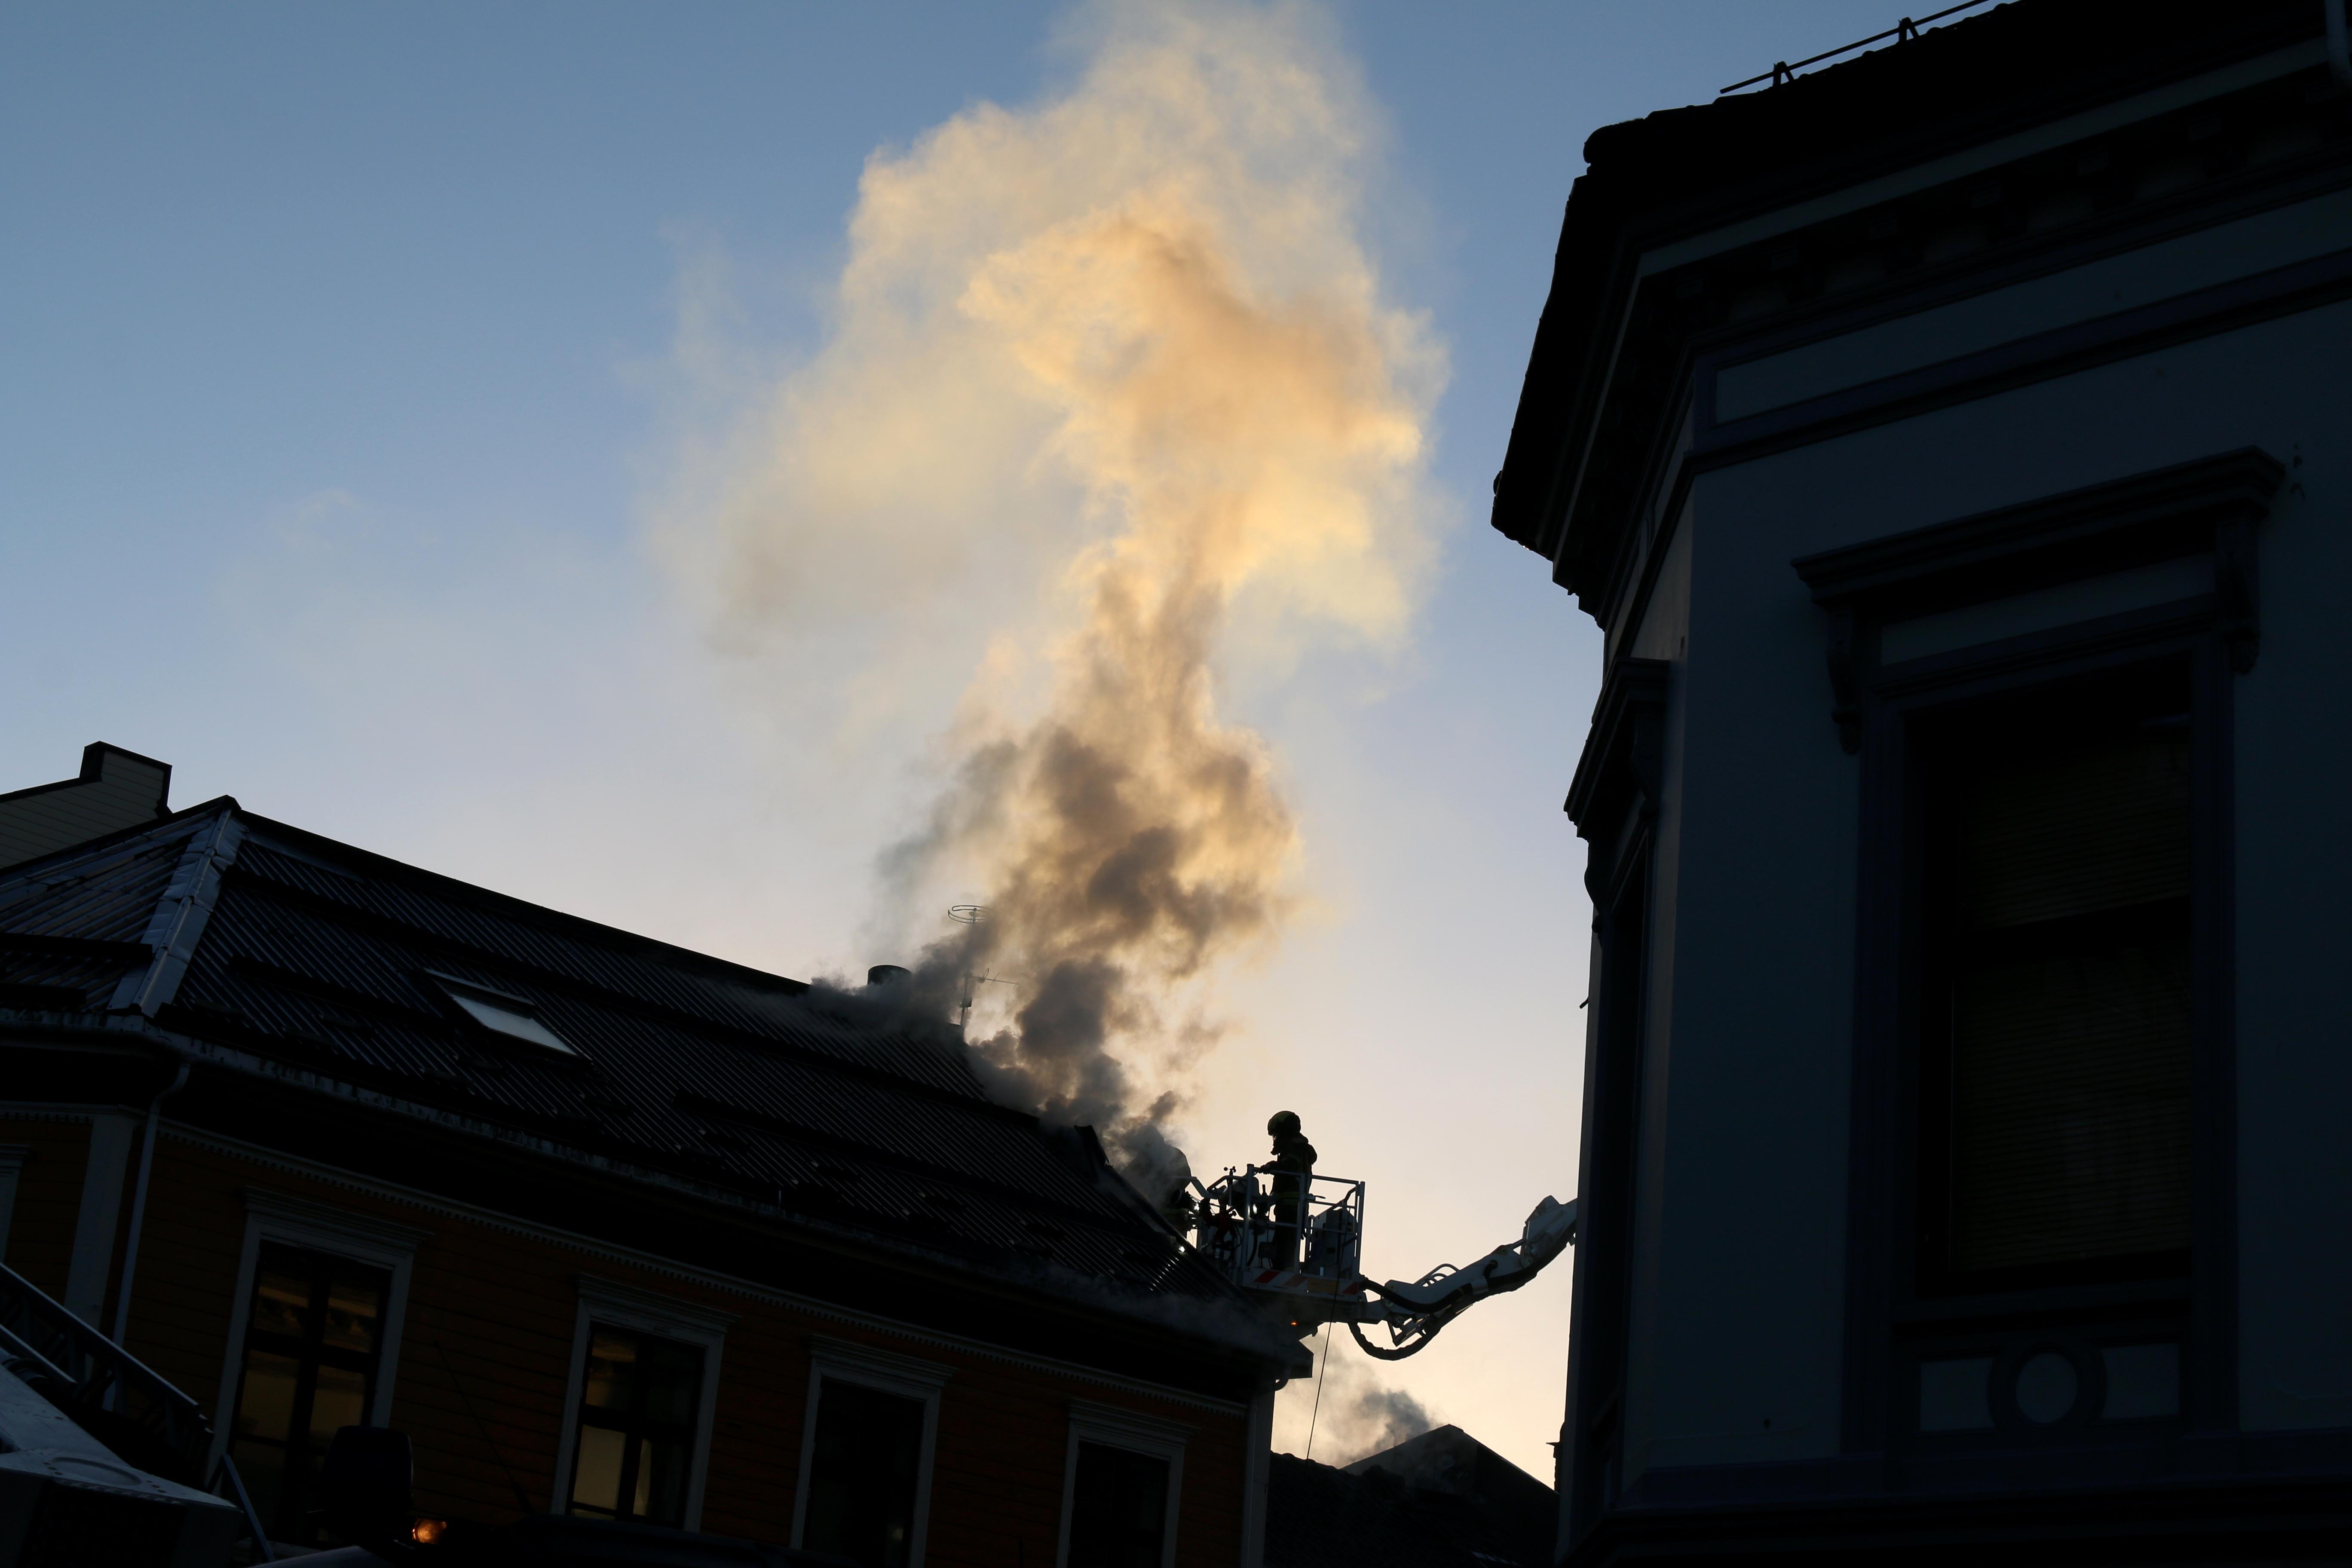 Bygårdsbrannen: To Til Sykehus, 20 Evakuert